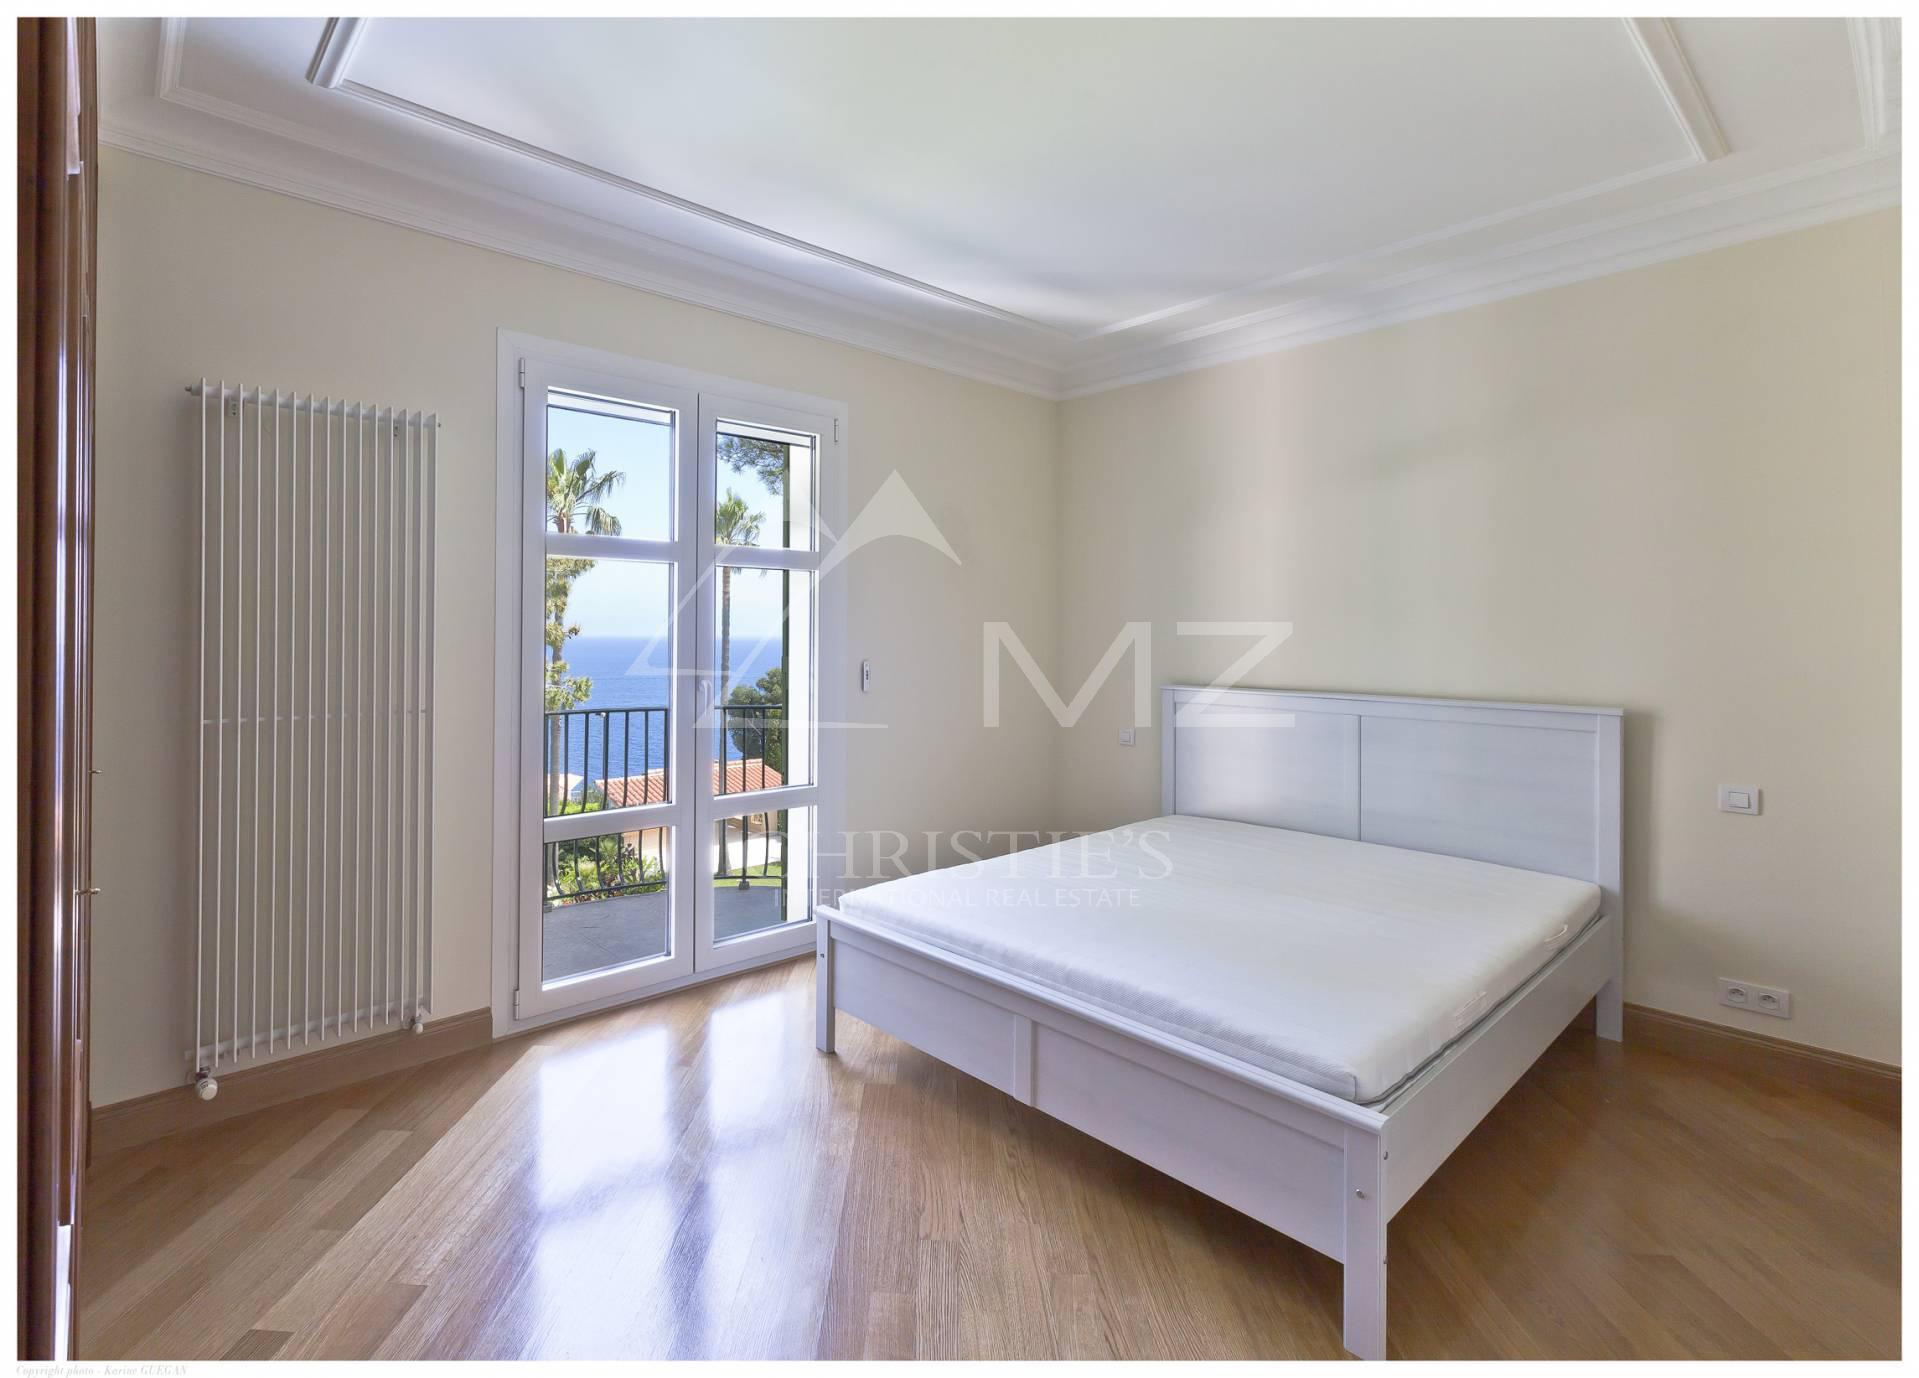 sch nes villa in saint jean cap ferrat zum kauf angeboten 730 m2 zimmer. Black Bedroom Furniture Sets. Home Design Ideas